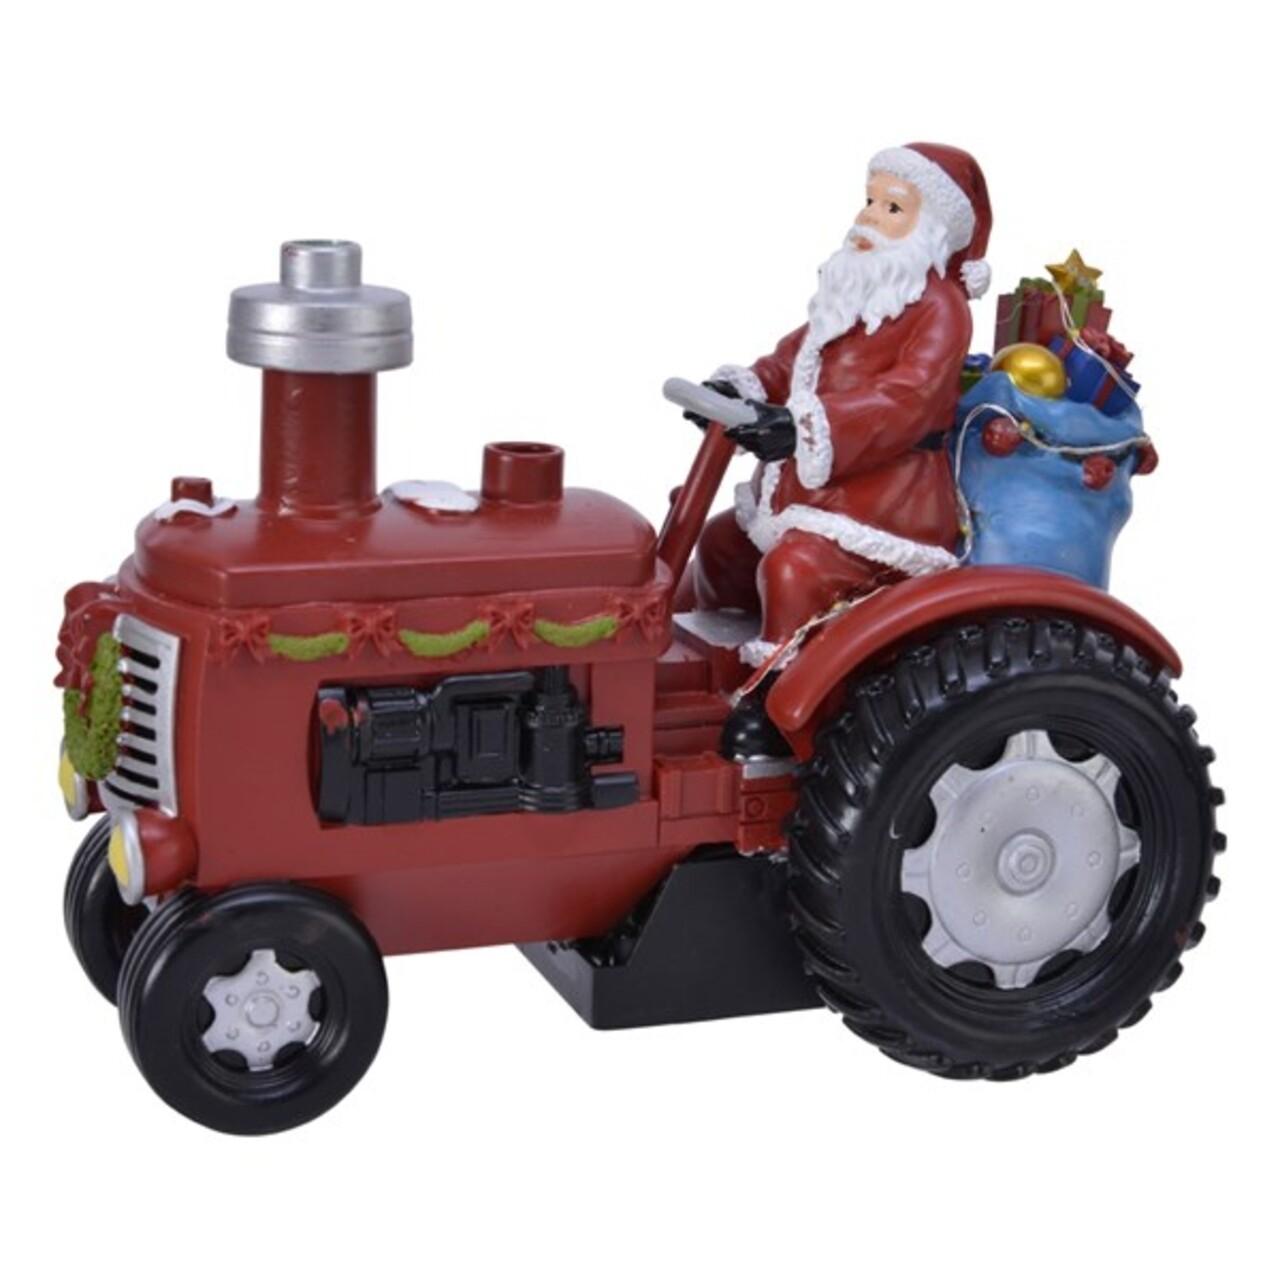 Decoratiune luminoasa Tractor, Lumineo, 7 LED-uri, 19x15 cm, multicolor